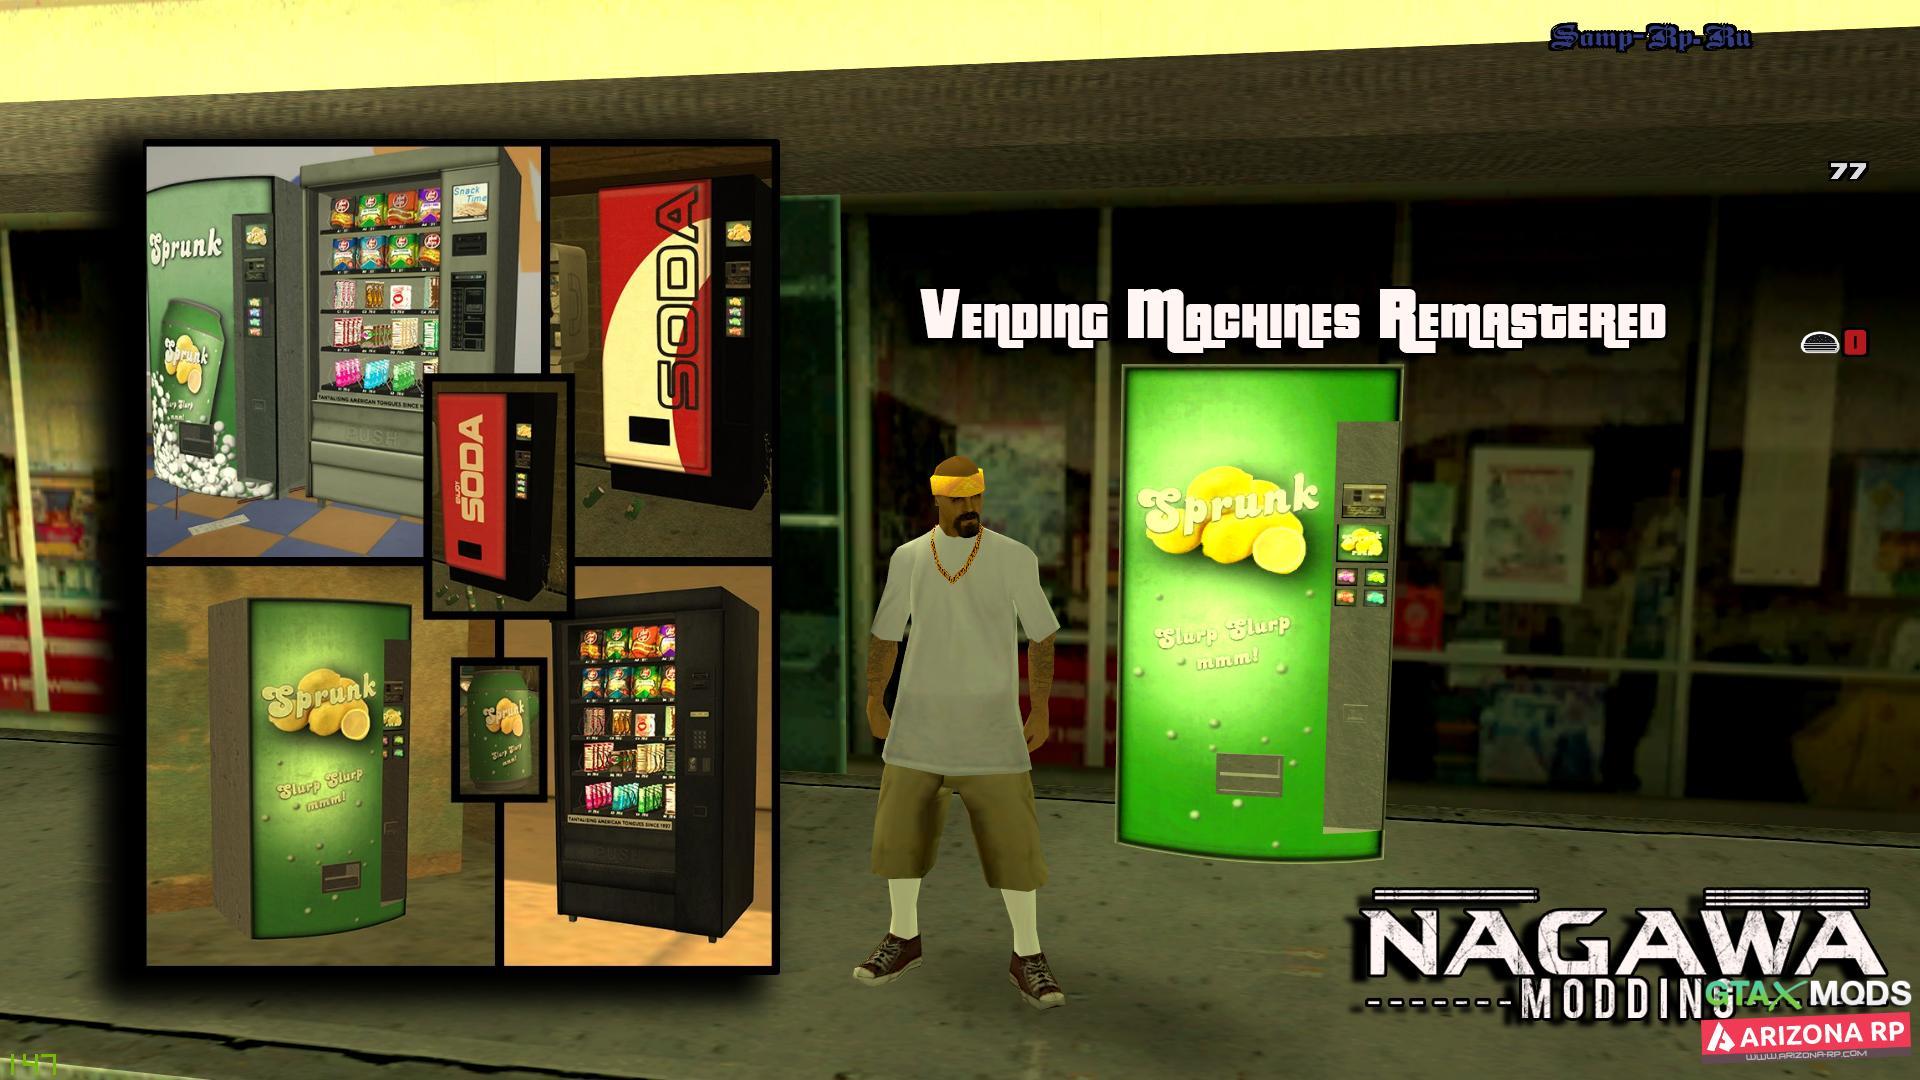 Vending Machines Remastered х Nagawa Elite Modding